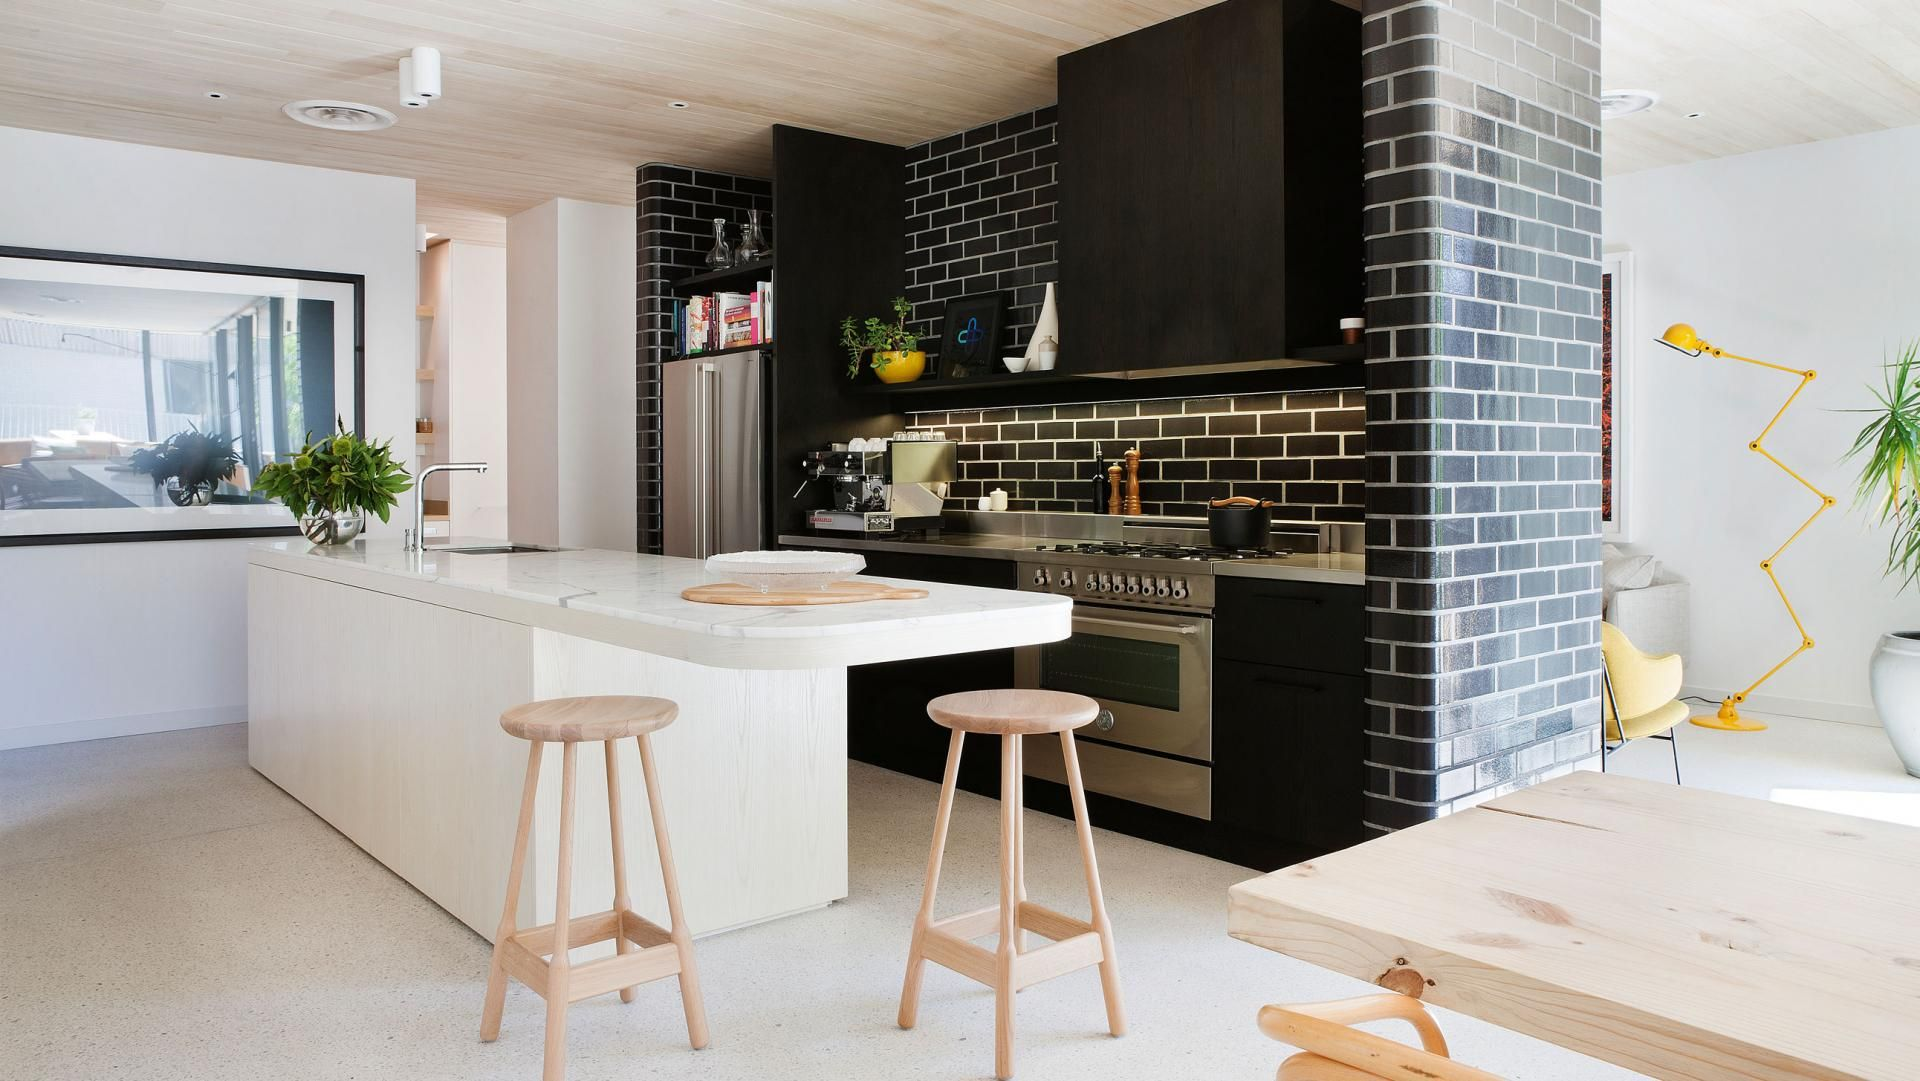 cocina con isla - Cómo diseñar la mejor cocina para cocinar ...